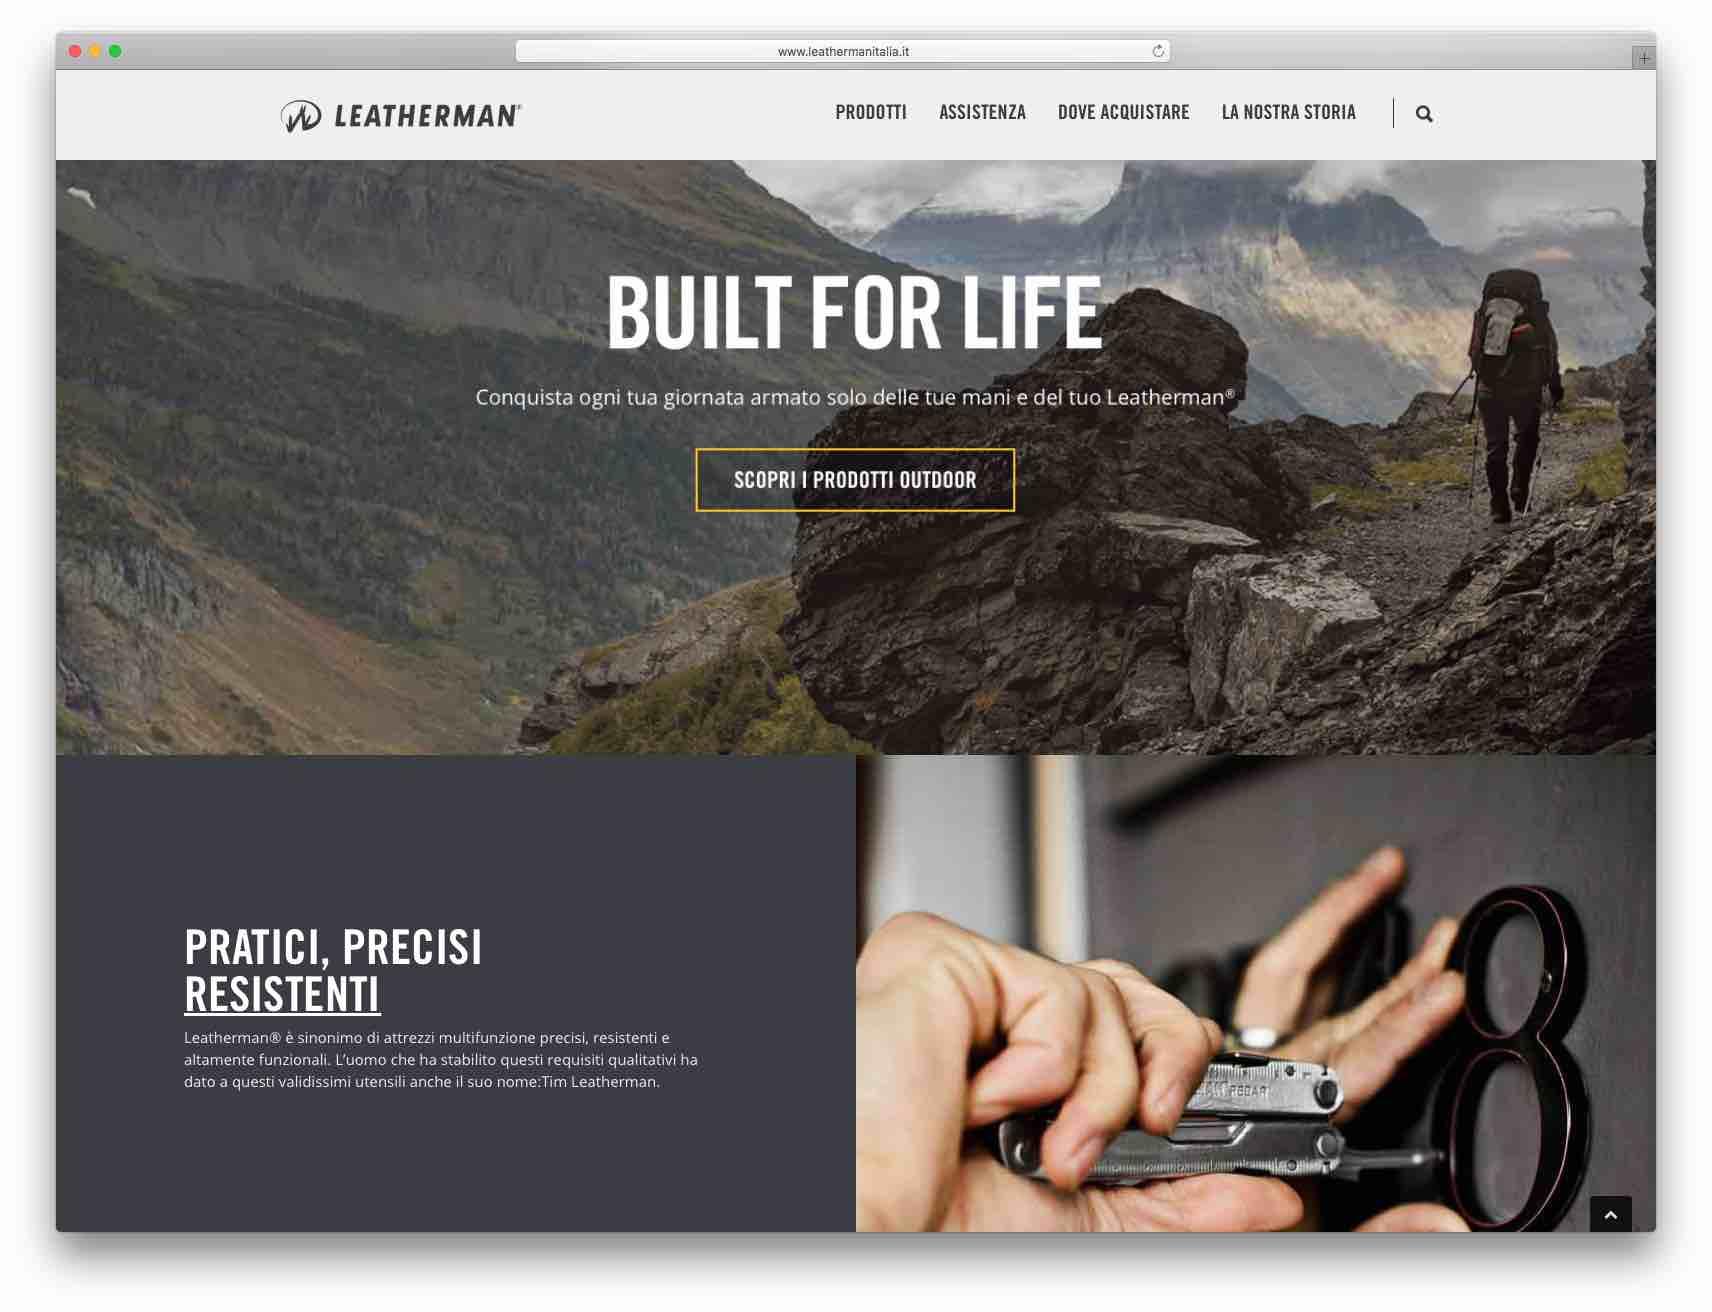 creazione siti web brescia - sito web leatherman